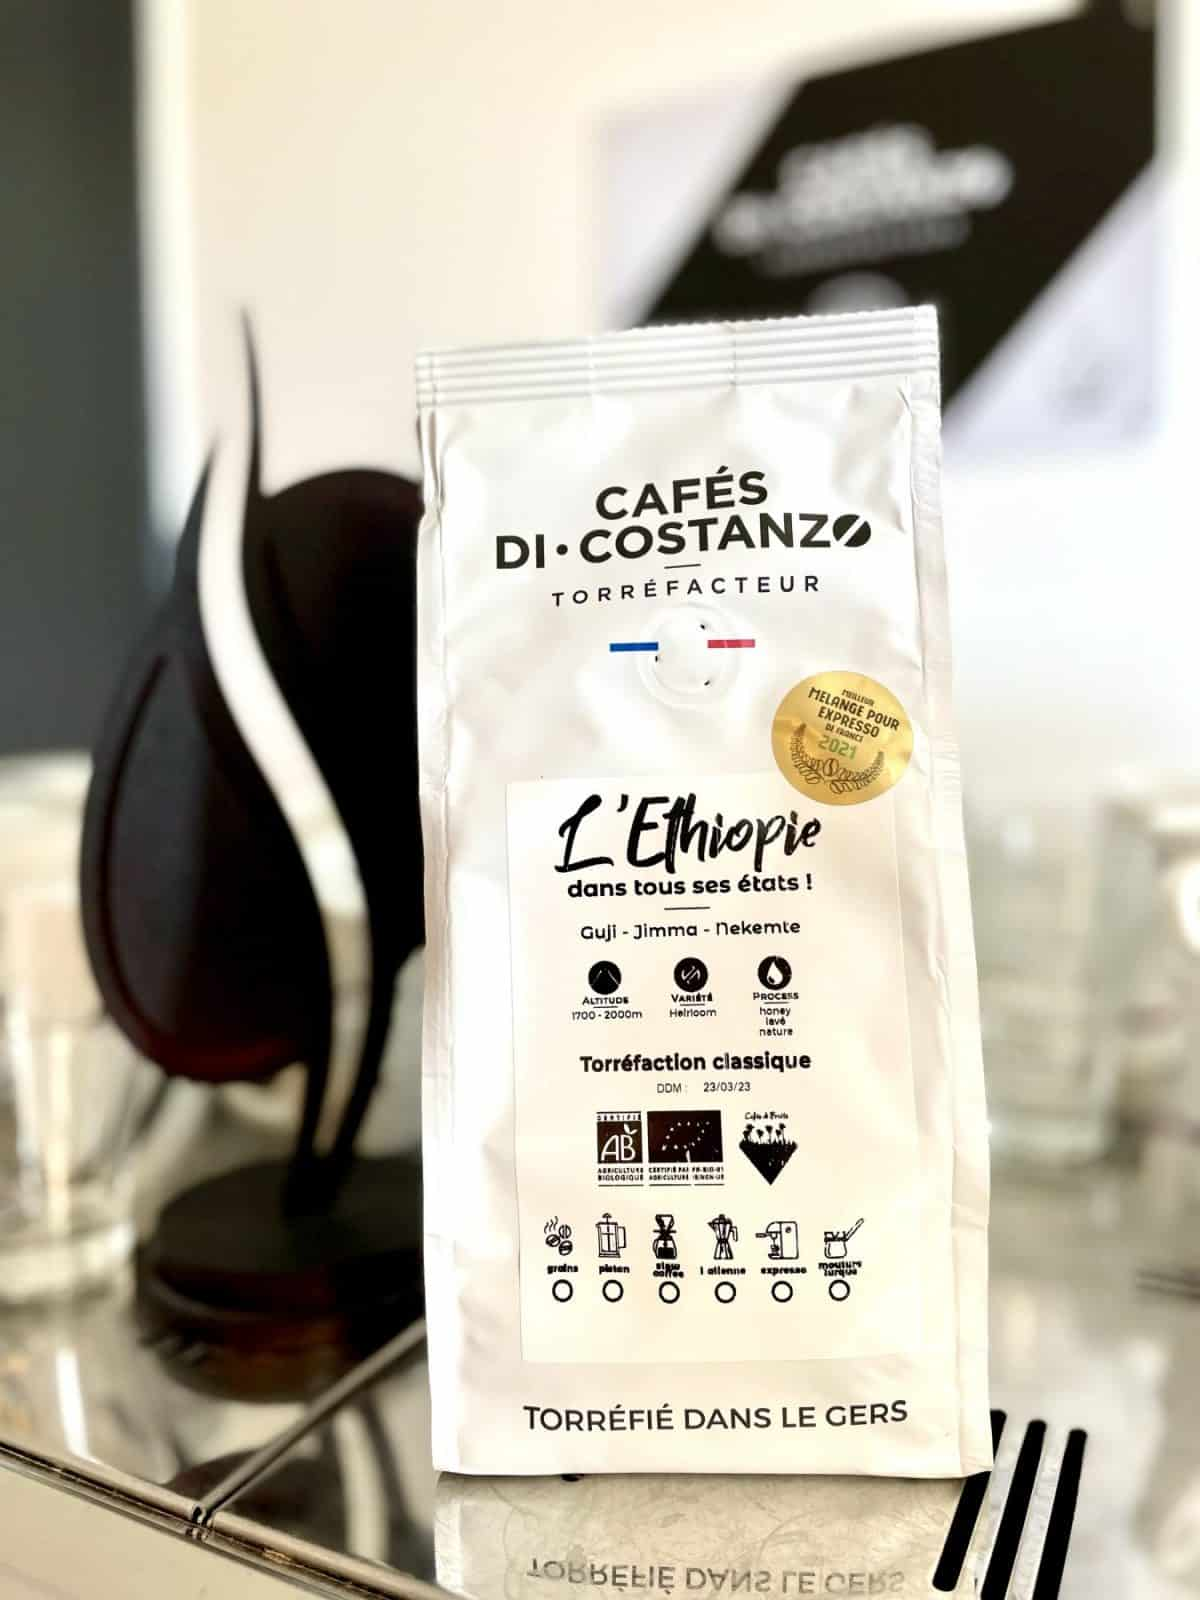 Cafés Di-Costanzo Gers